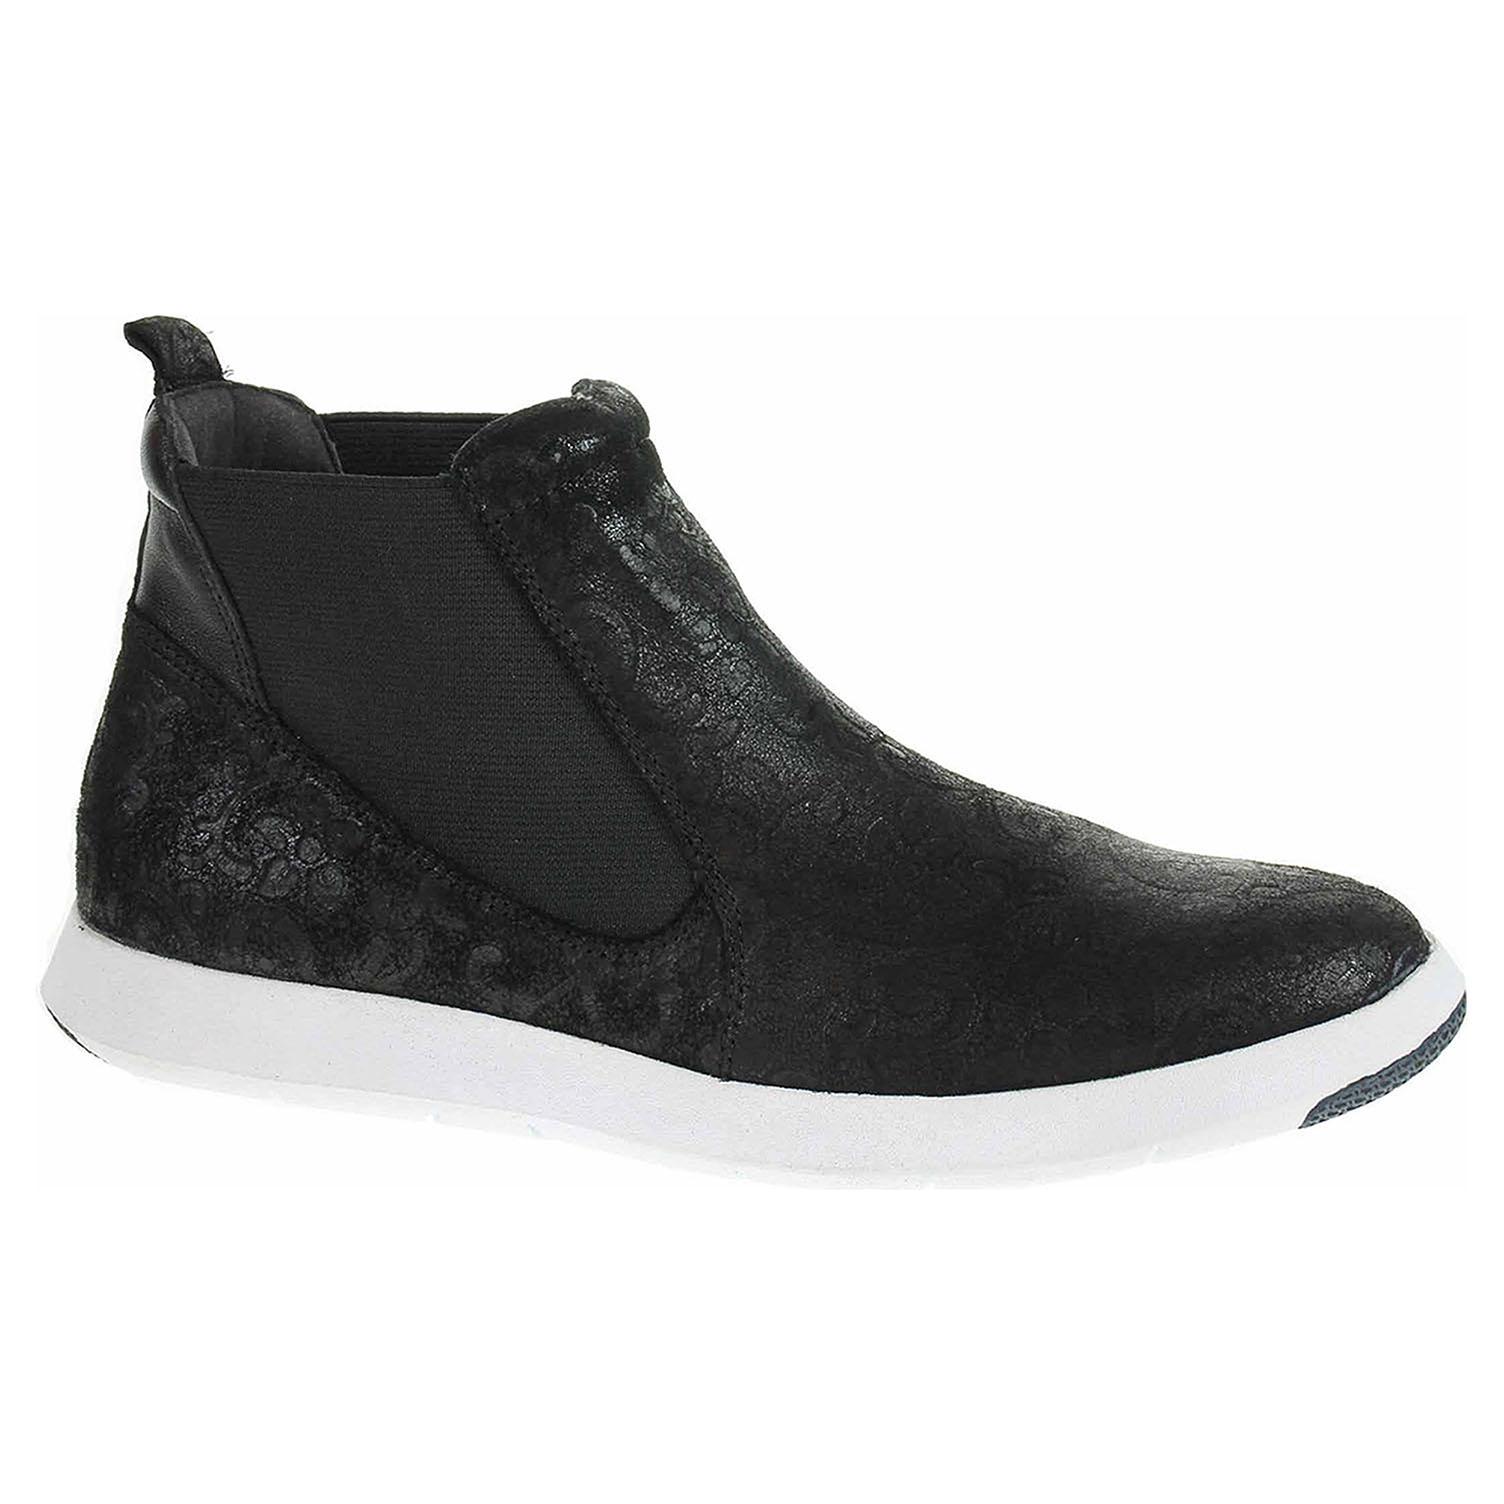 Dámská kotníková obuv Caprice 9-25476-31 black struc.comb 9-9-25476-31 034 39